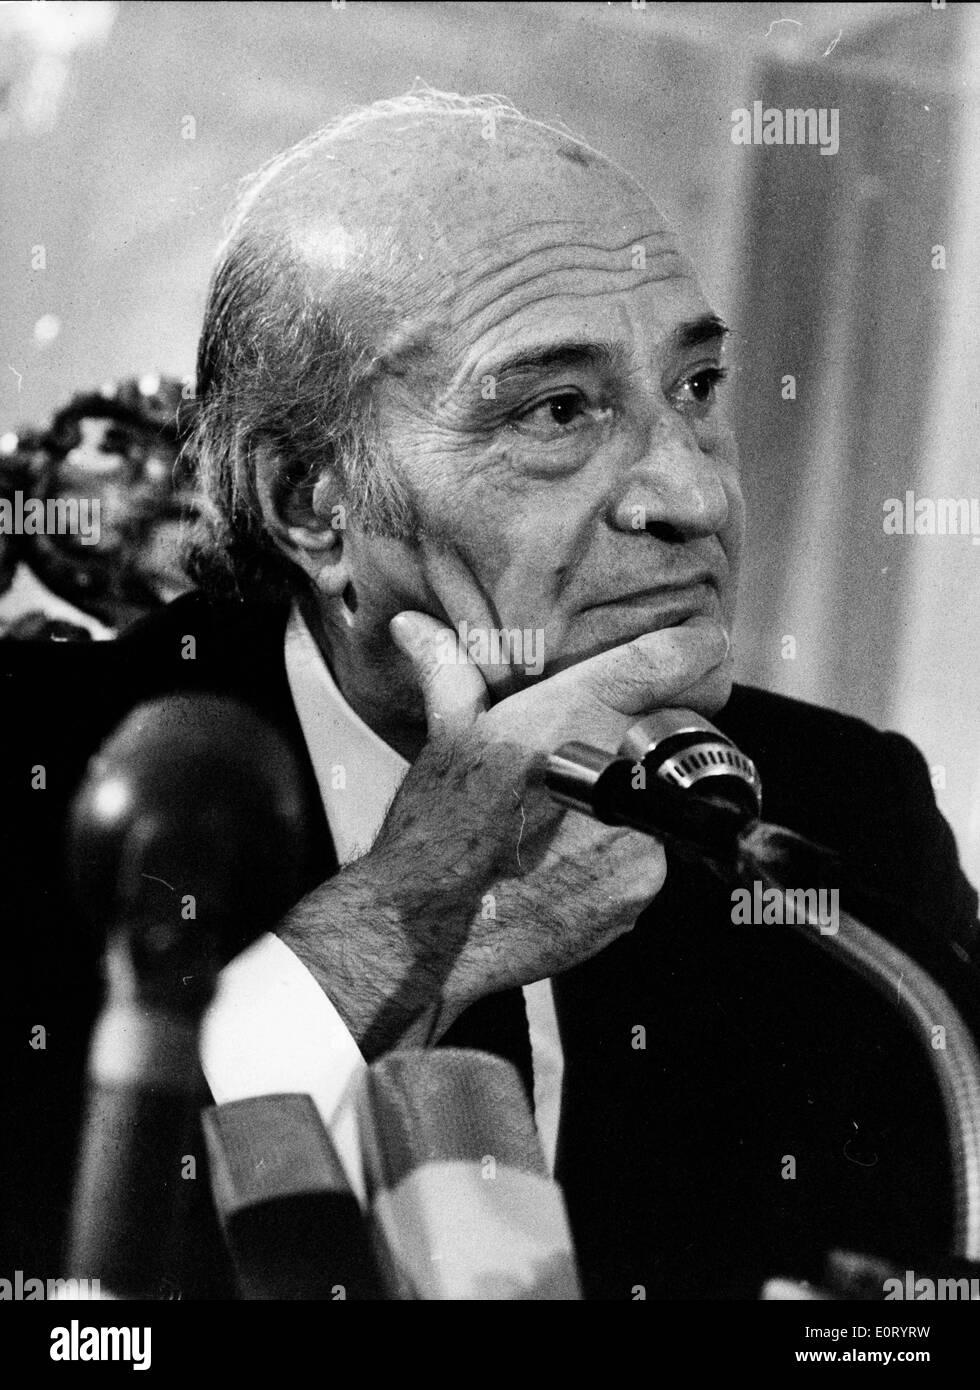 Nobel Prize gewinnende Dichter, spricht ODYSSEAS ELYTIS in ein Mikrofon. Stockbild